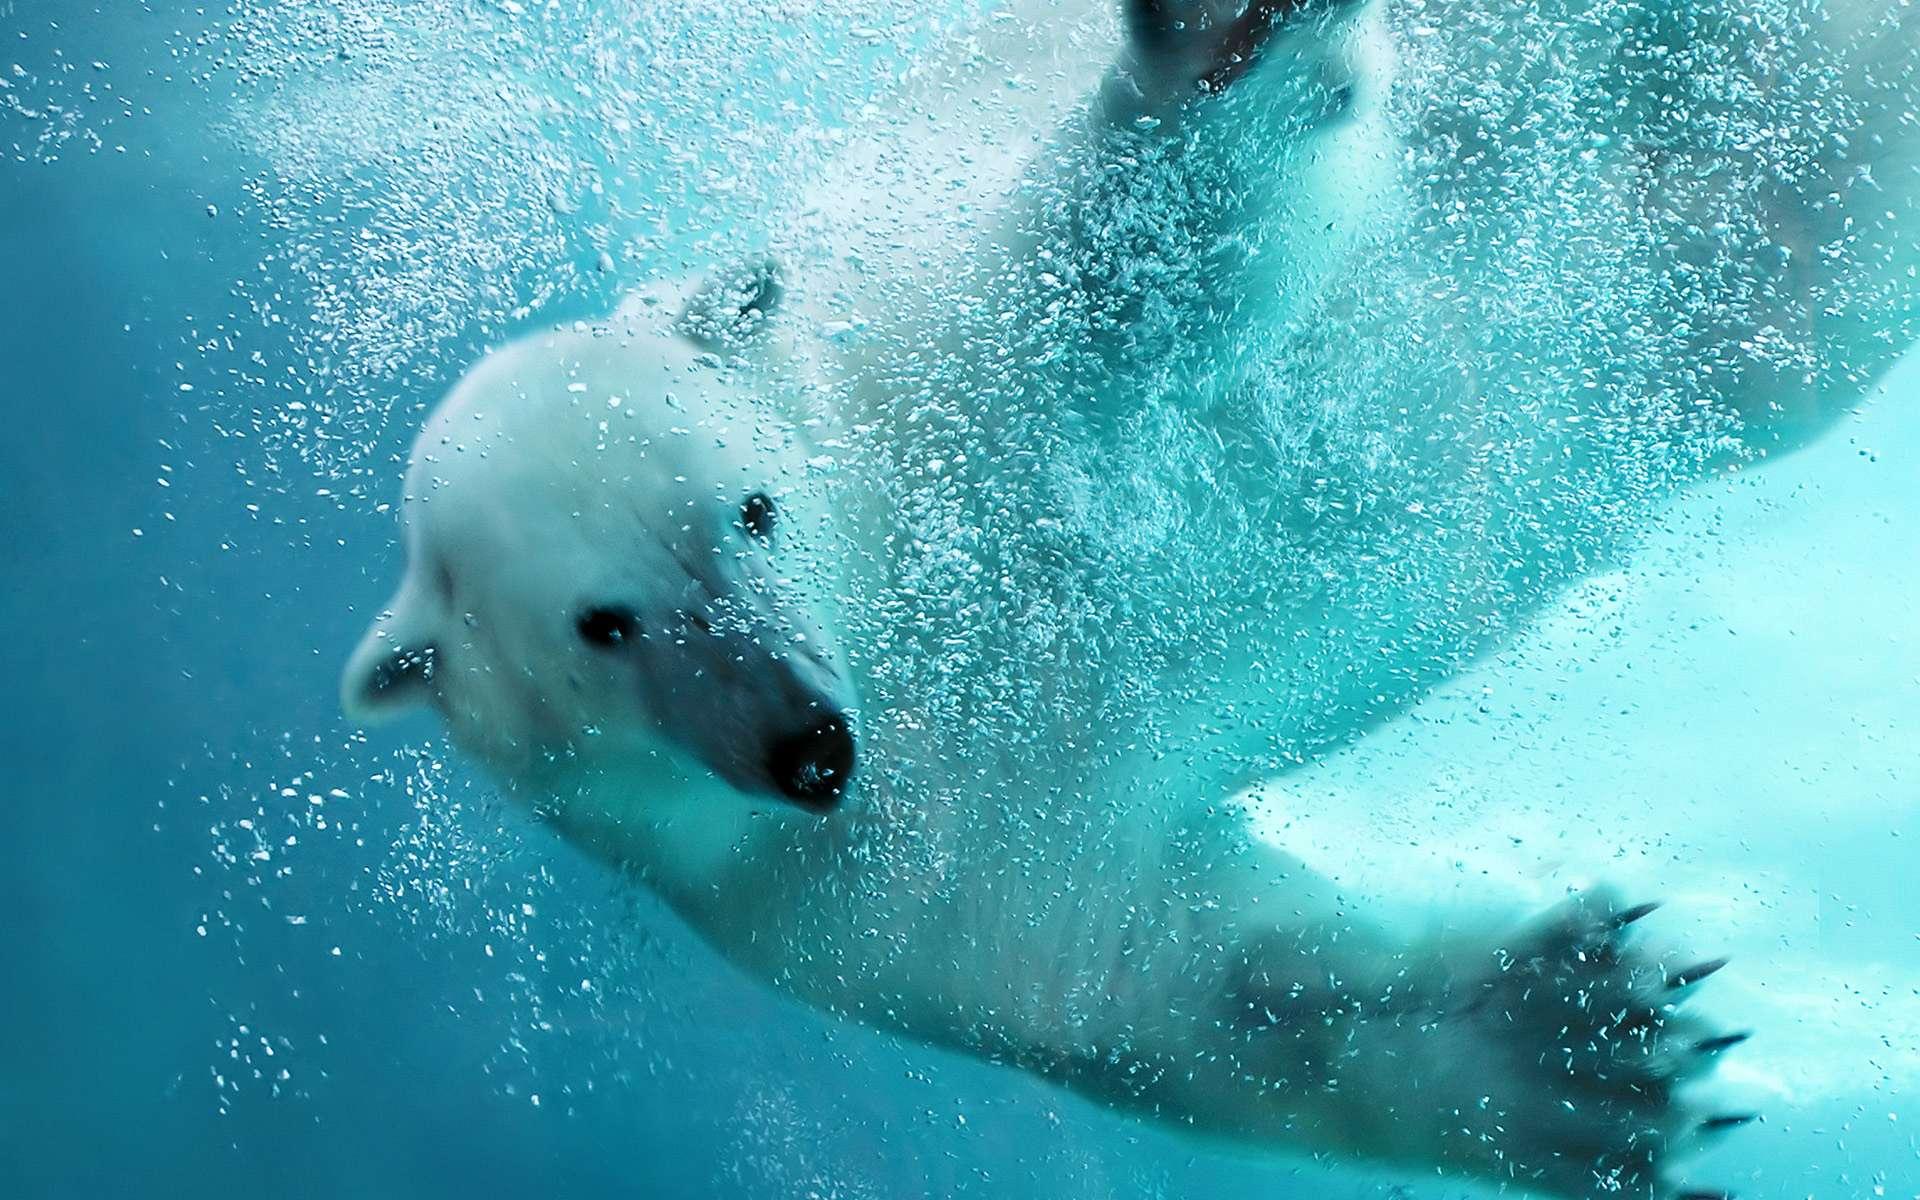 Обои на рабочий стол медведь в воде